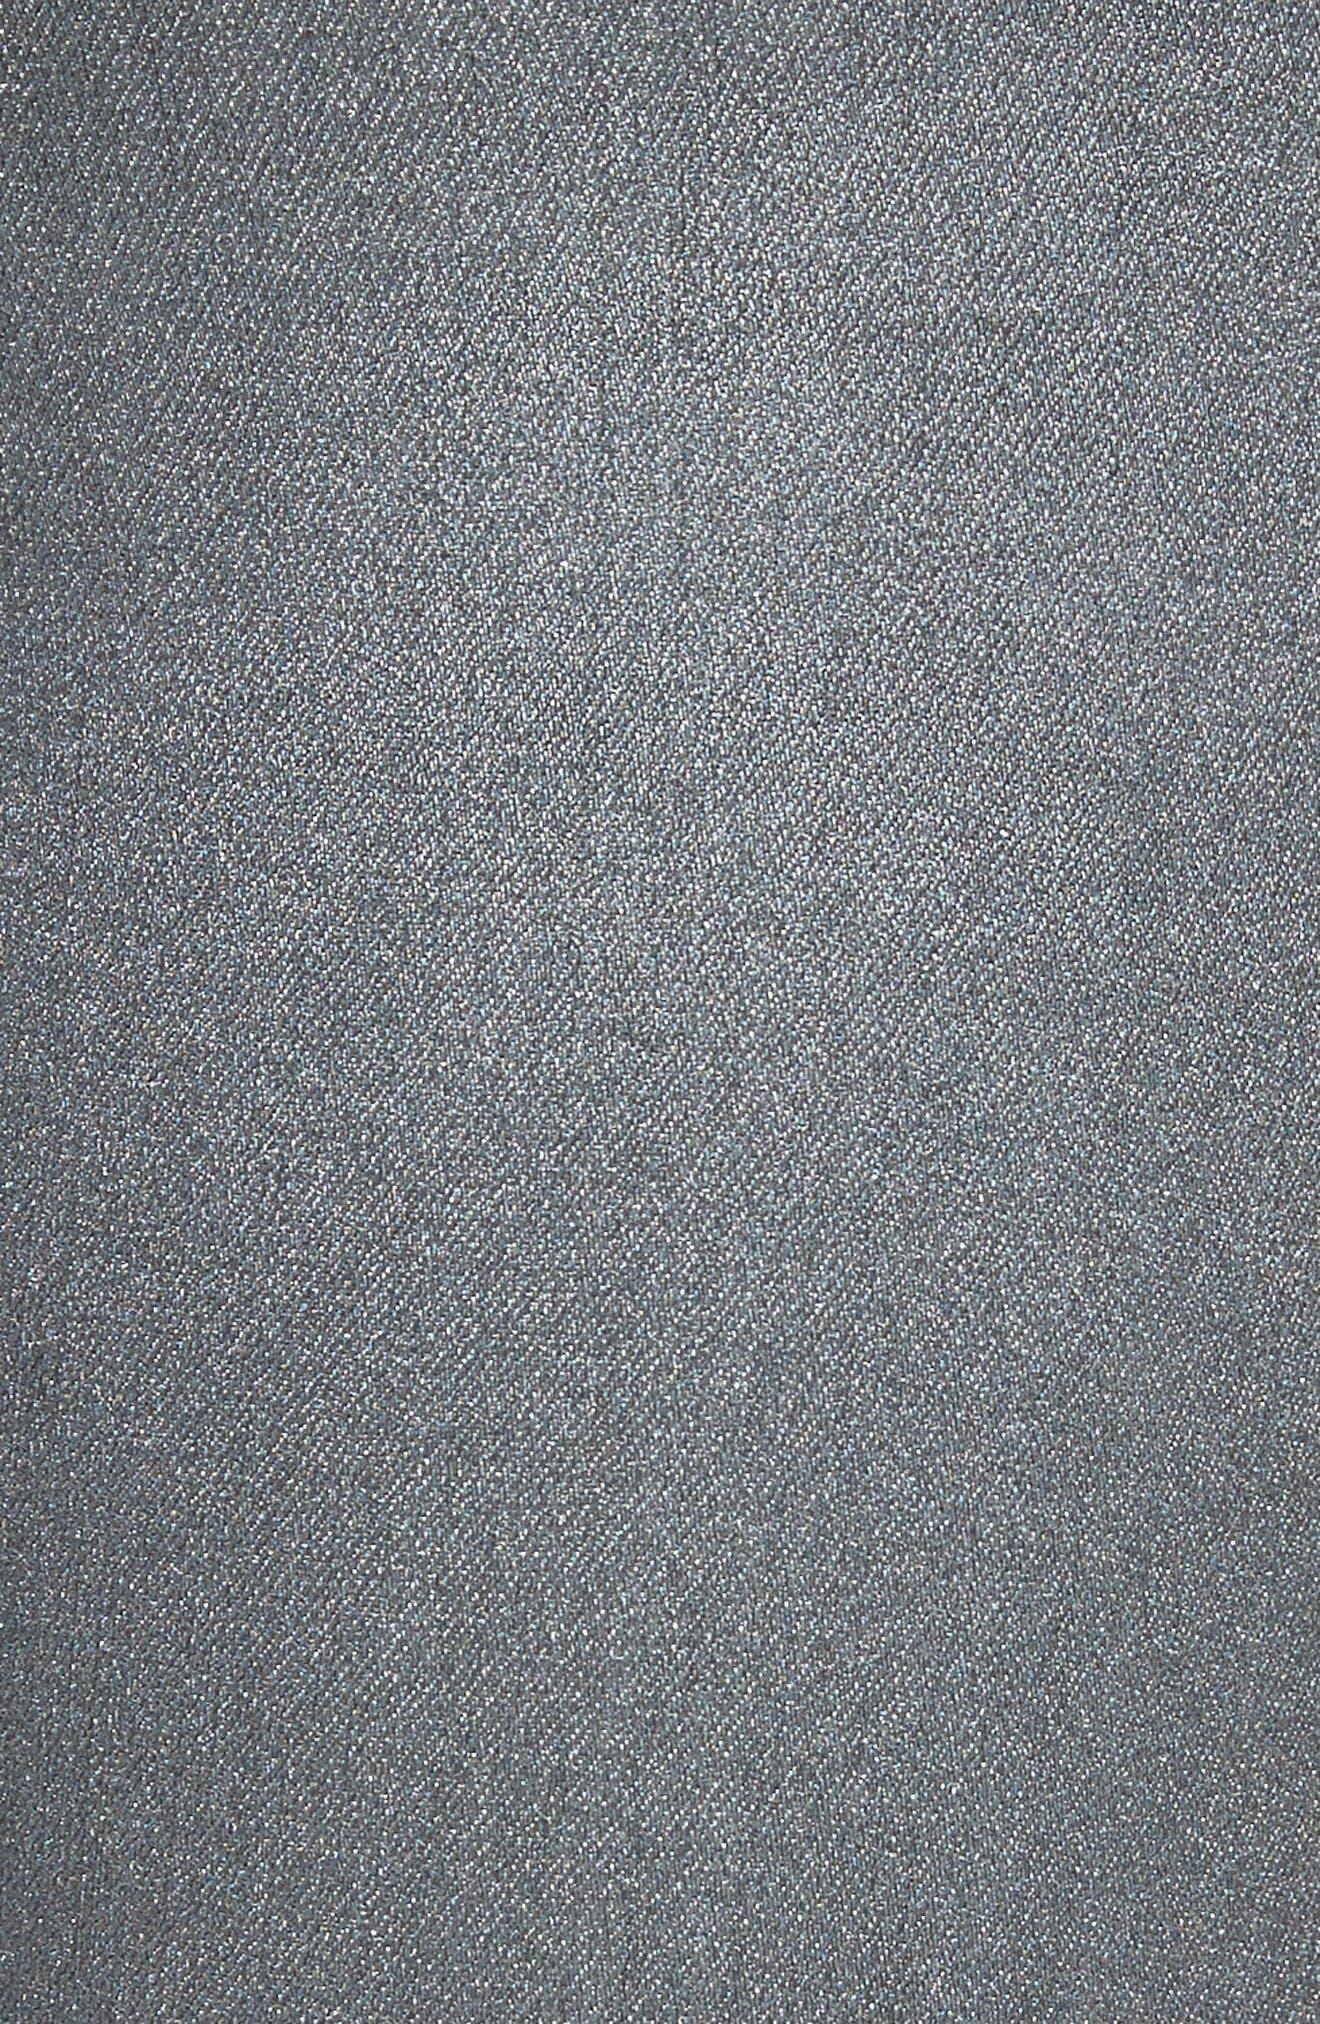 Reina Glitter Skinny Jeans,                             Alternate thumbnail 5, color,                             Black Used Glitter Silver